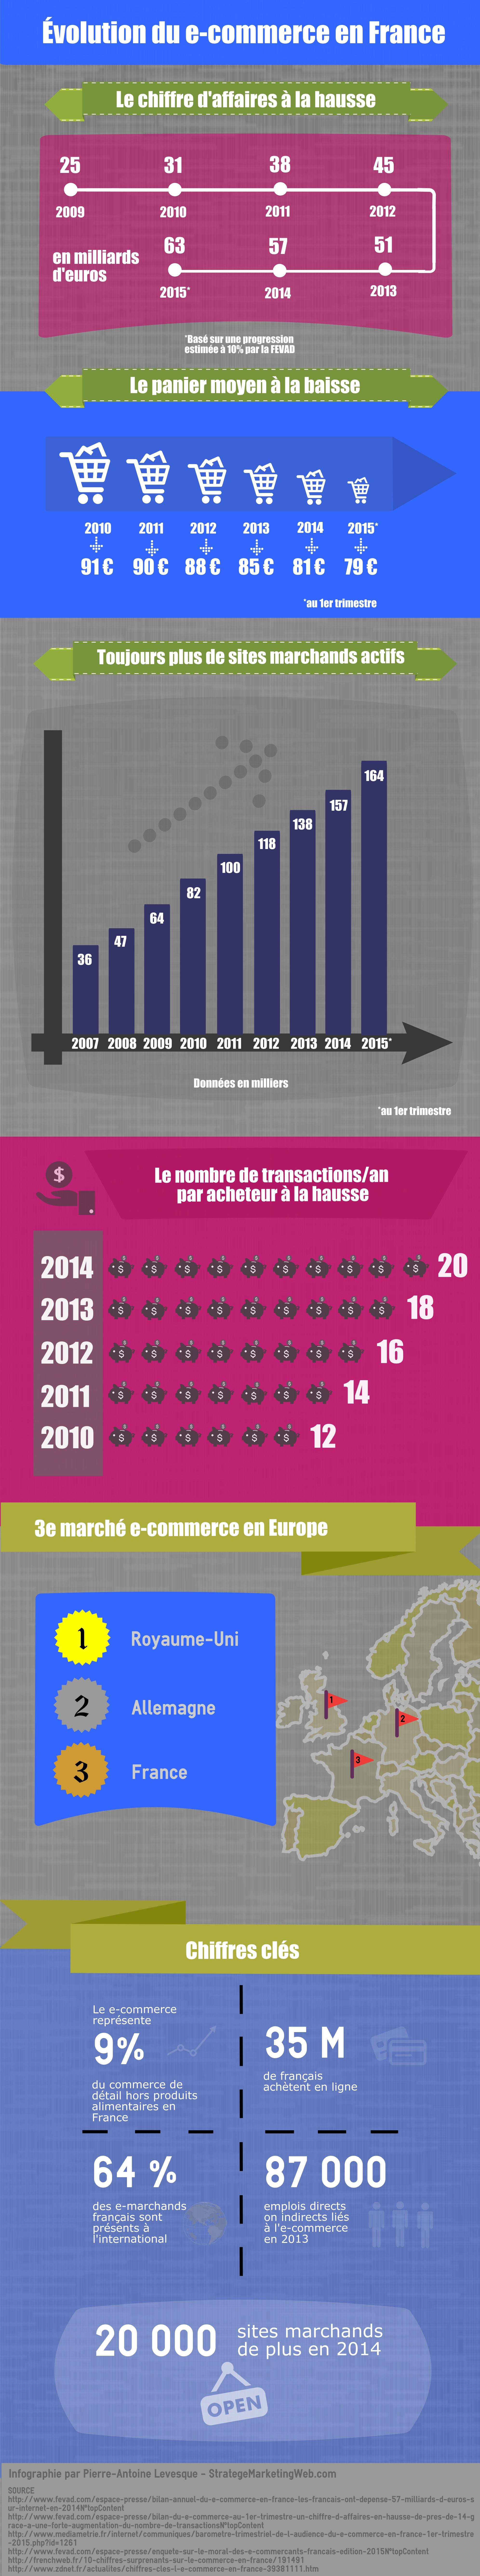 Découvrez l'état du e-commerce en France